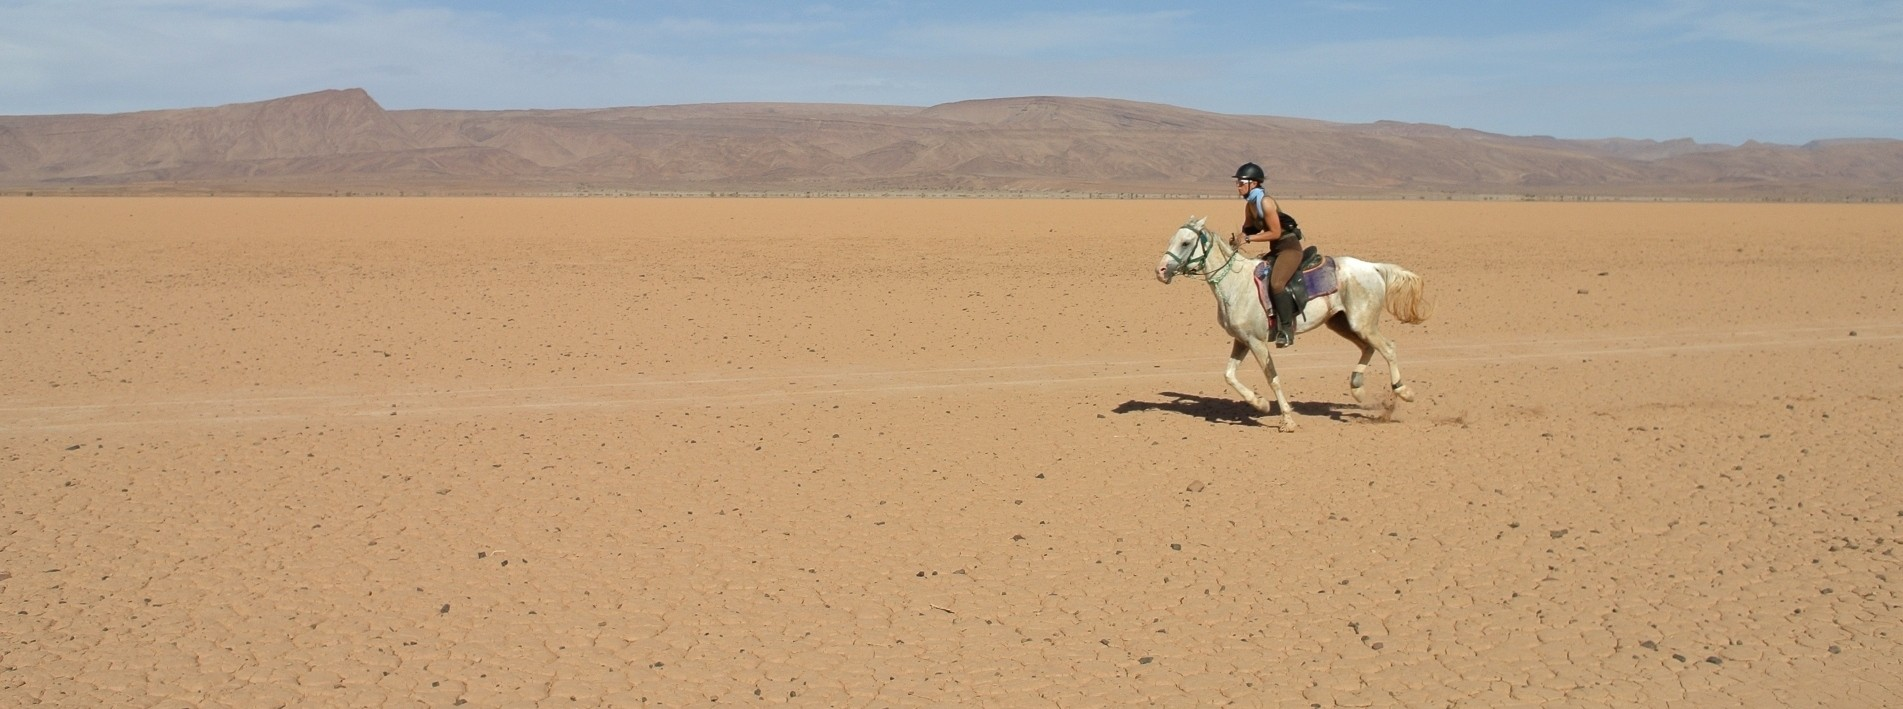 Galoppieren auf weiten Ebenen im Nomadenland, Marokko